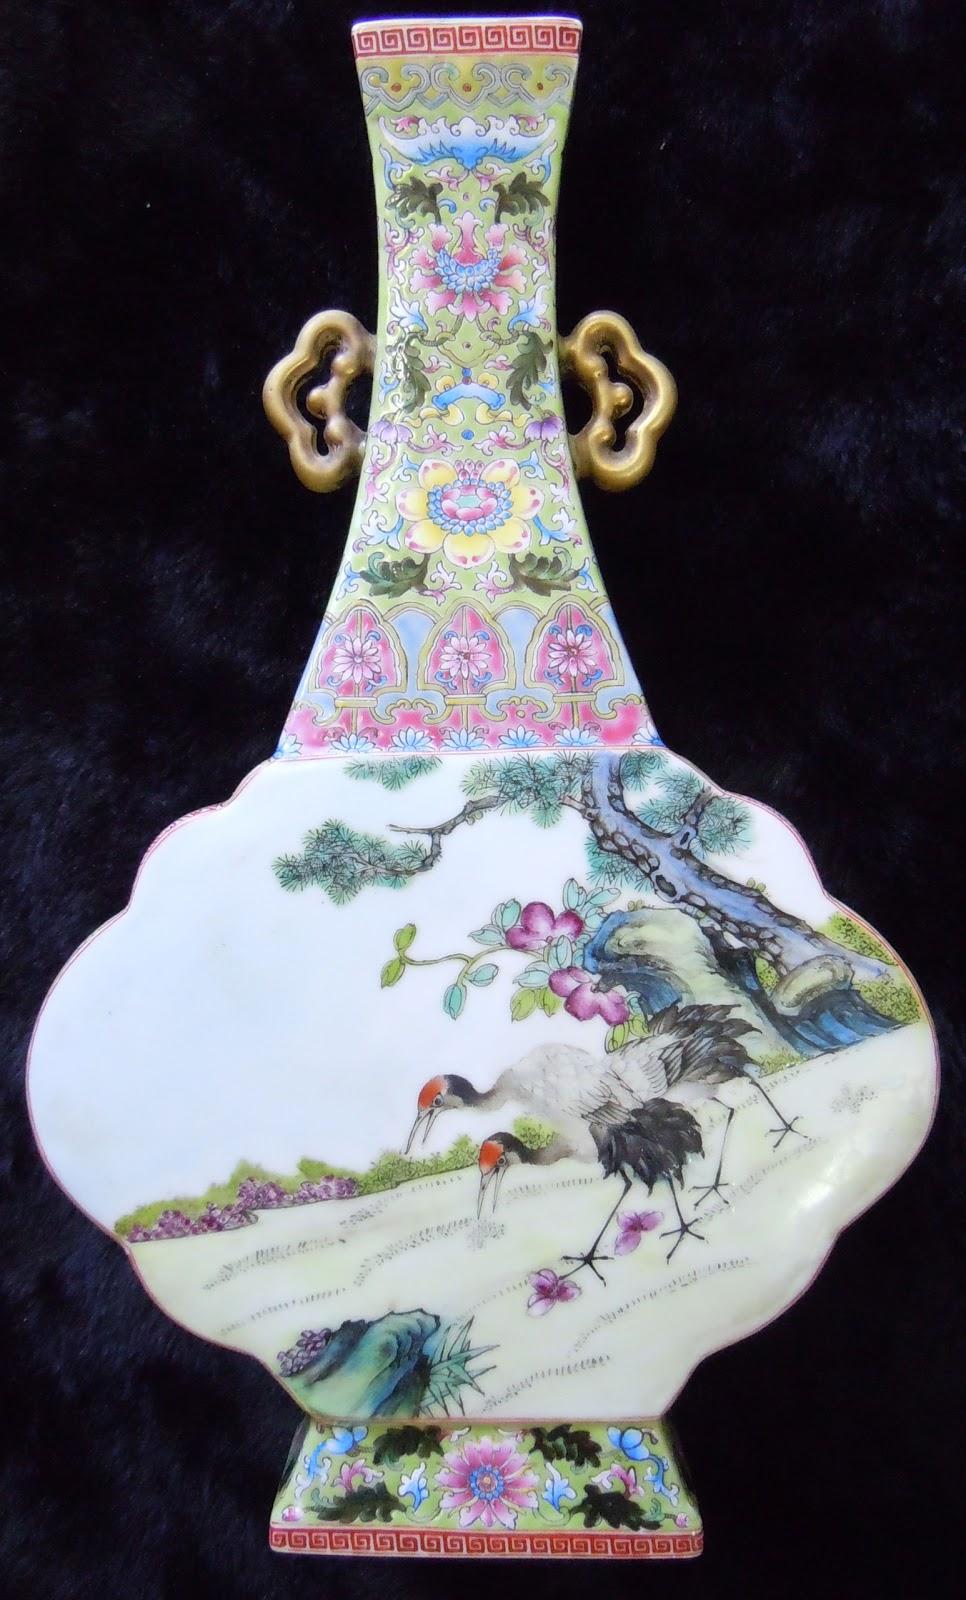 中國古代宮廷瓷器: 大清乾隆年製 琺瑯彩 福壽康寧賀壽雙耳扁壺